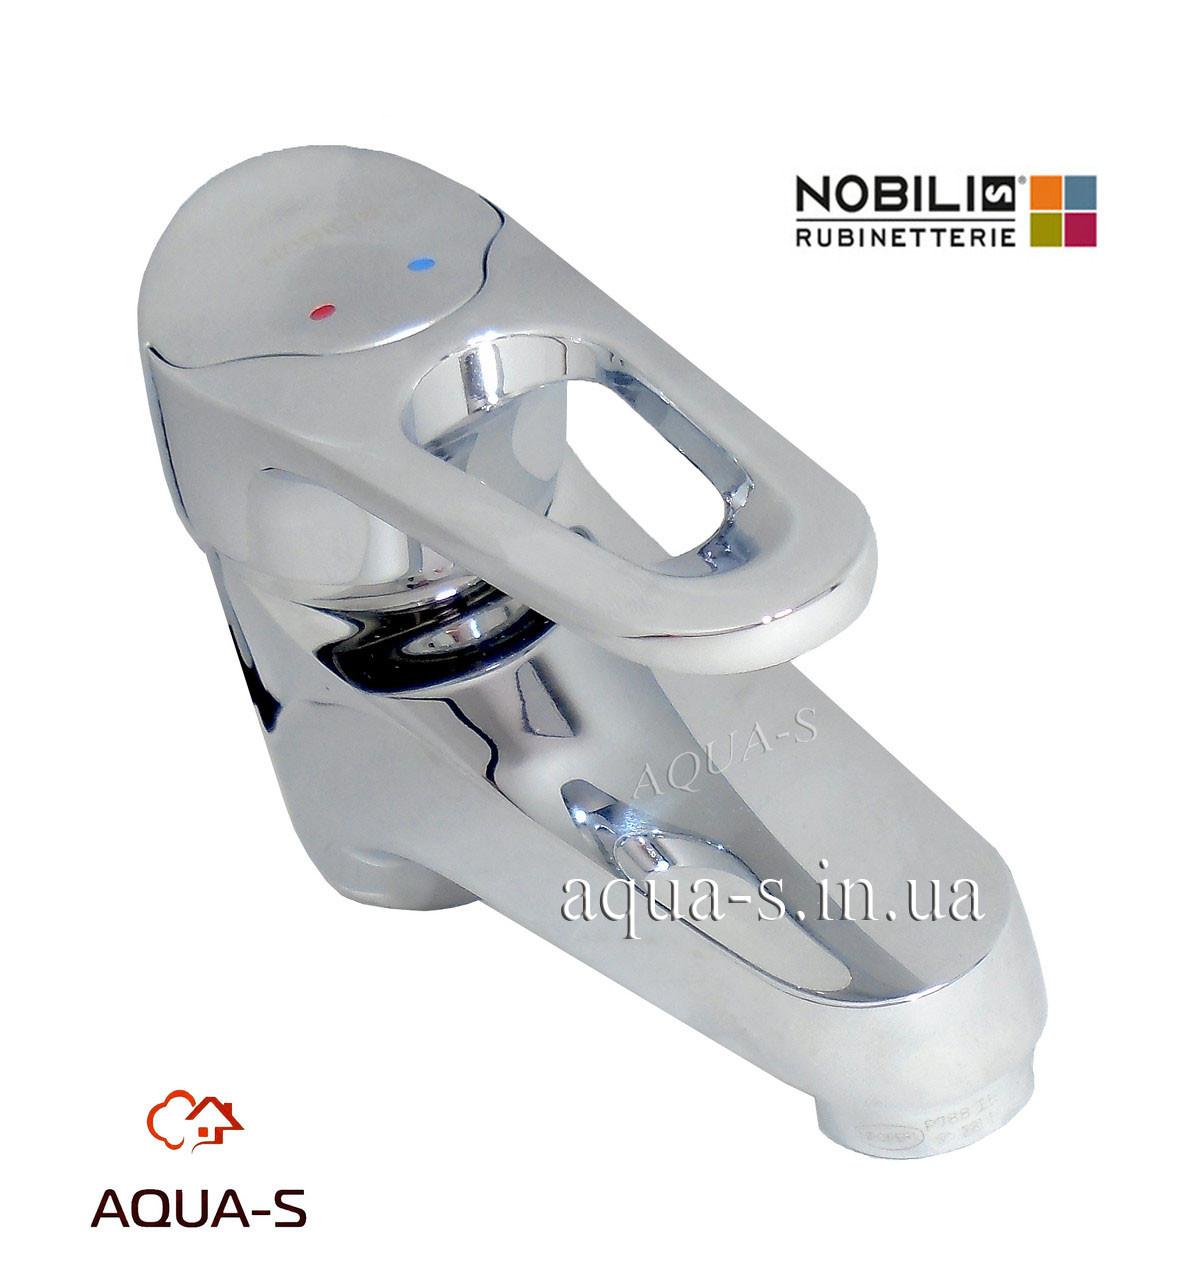 Смеситель для умывальника Nobili Timix TX27118 однорычажный с донным клапаном  (Италия)